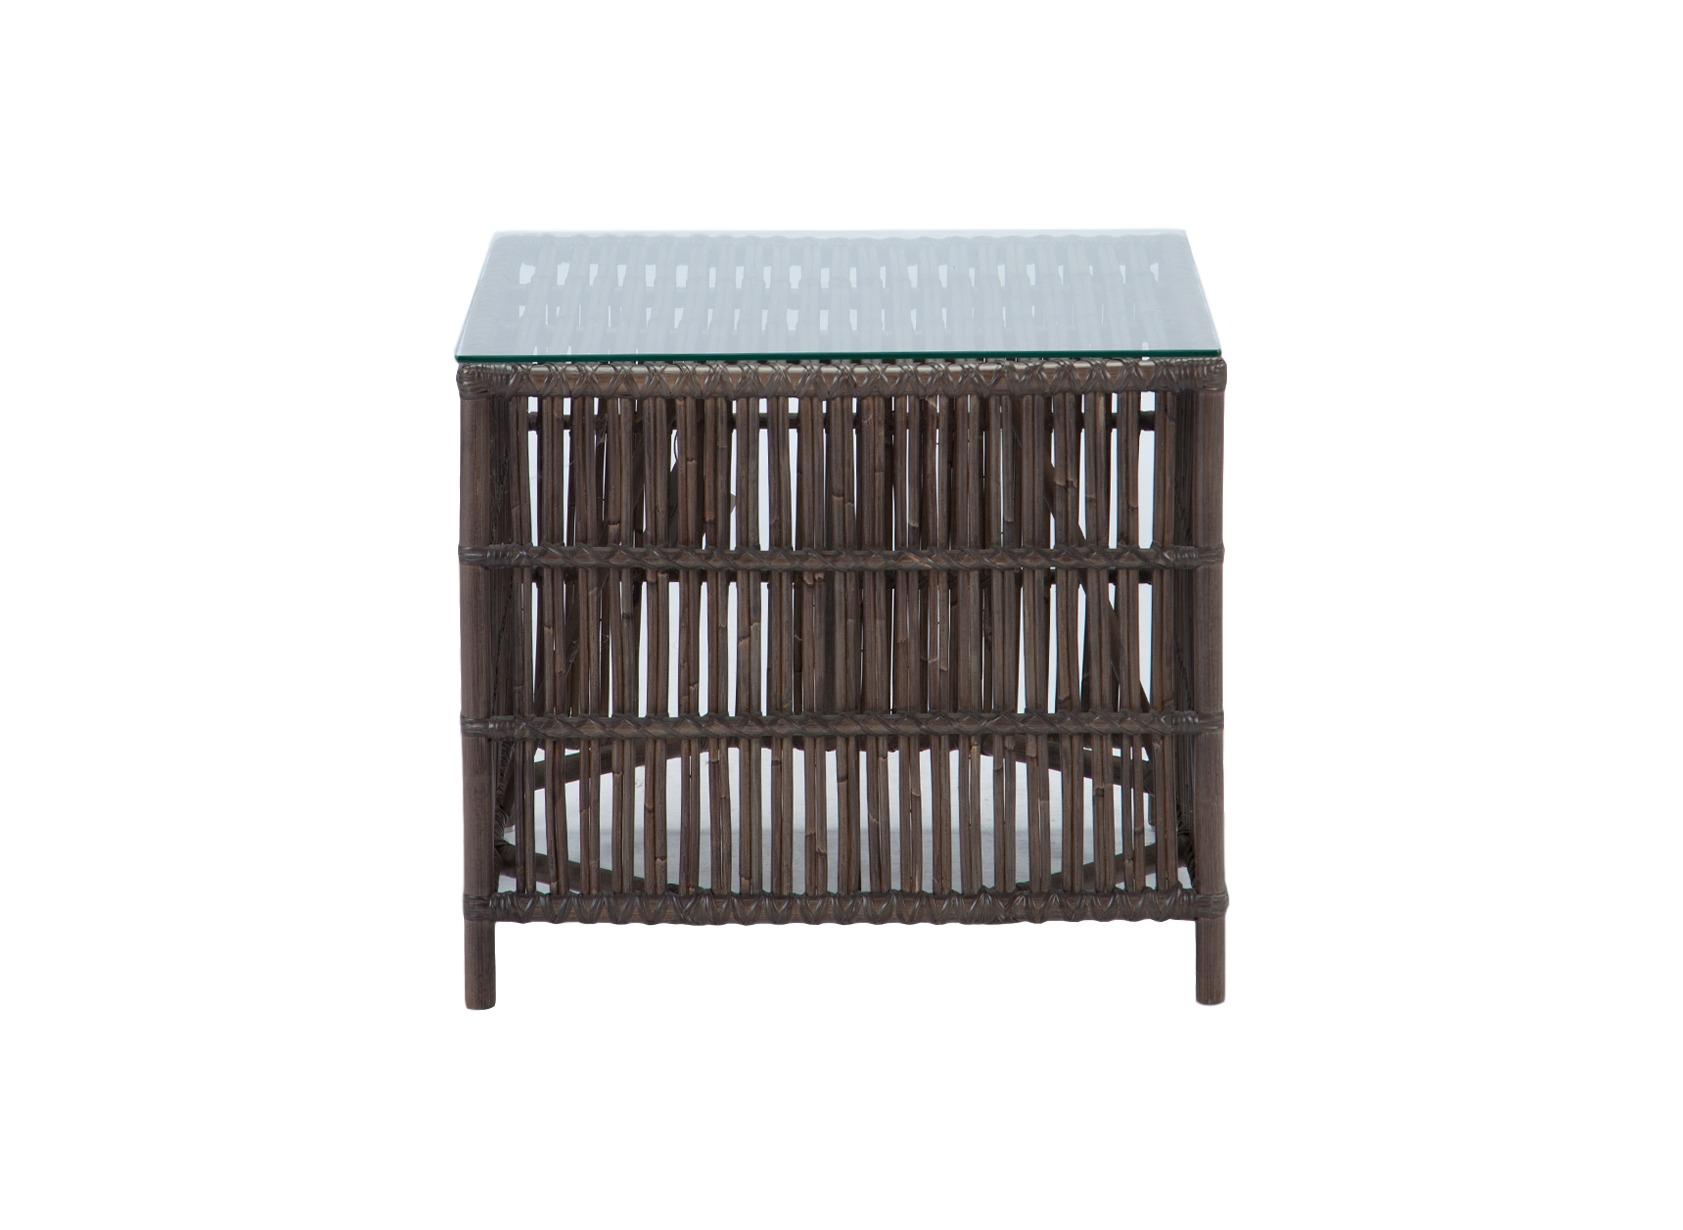 Стол кофейныйКофейные столики<br>Кофейный столик из ротанга со столешницей из прозрачного стекла.<br><br>Material: Ротанг<br>Length см: None<br>Width см: 60<br>Depth см: 60<br>Height см: 54